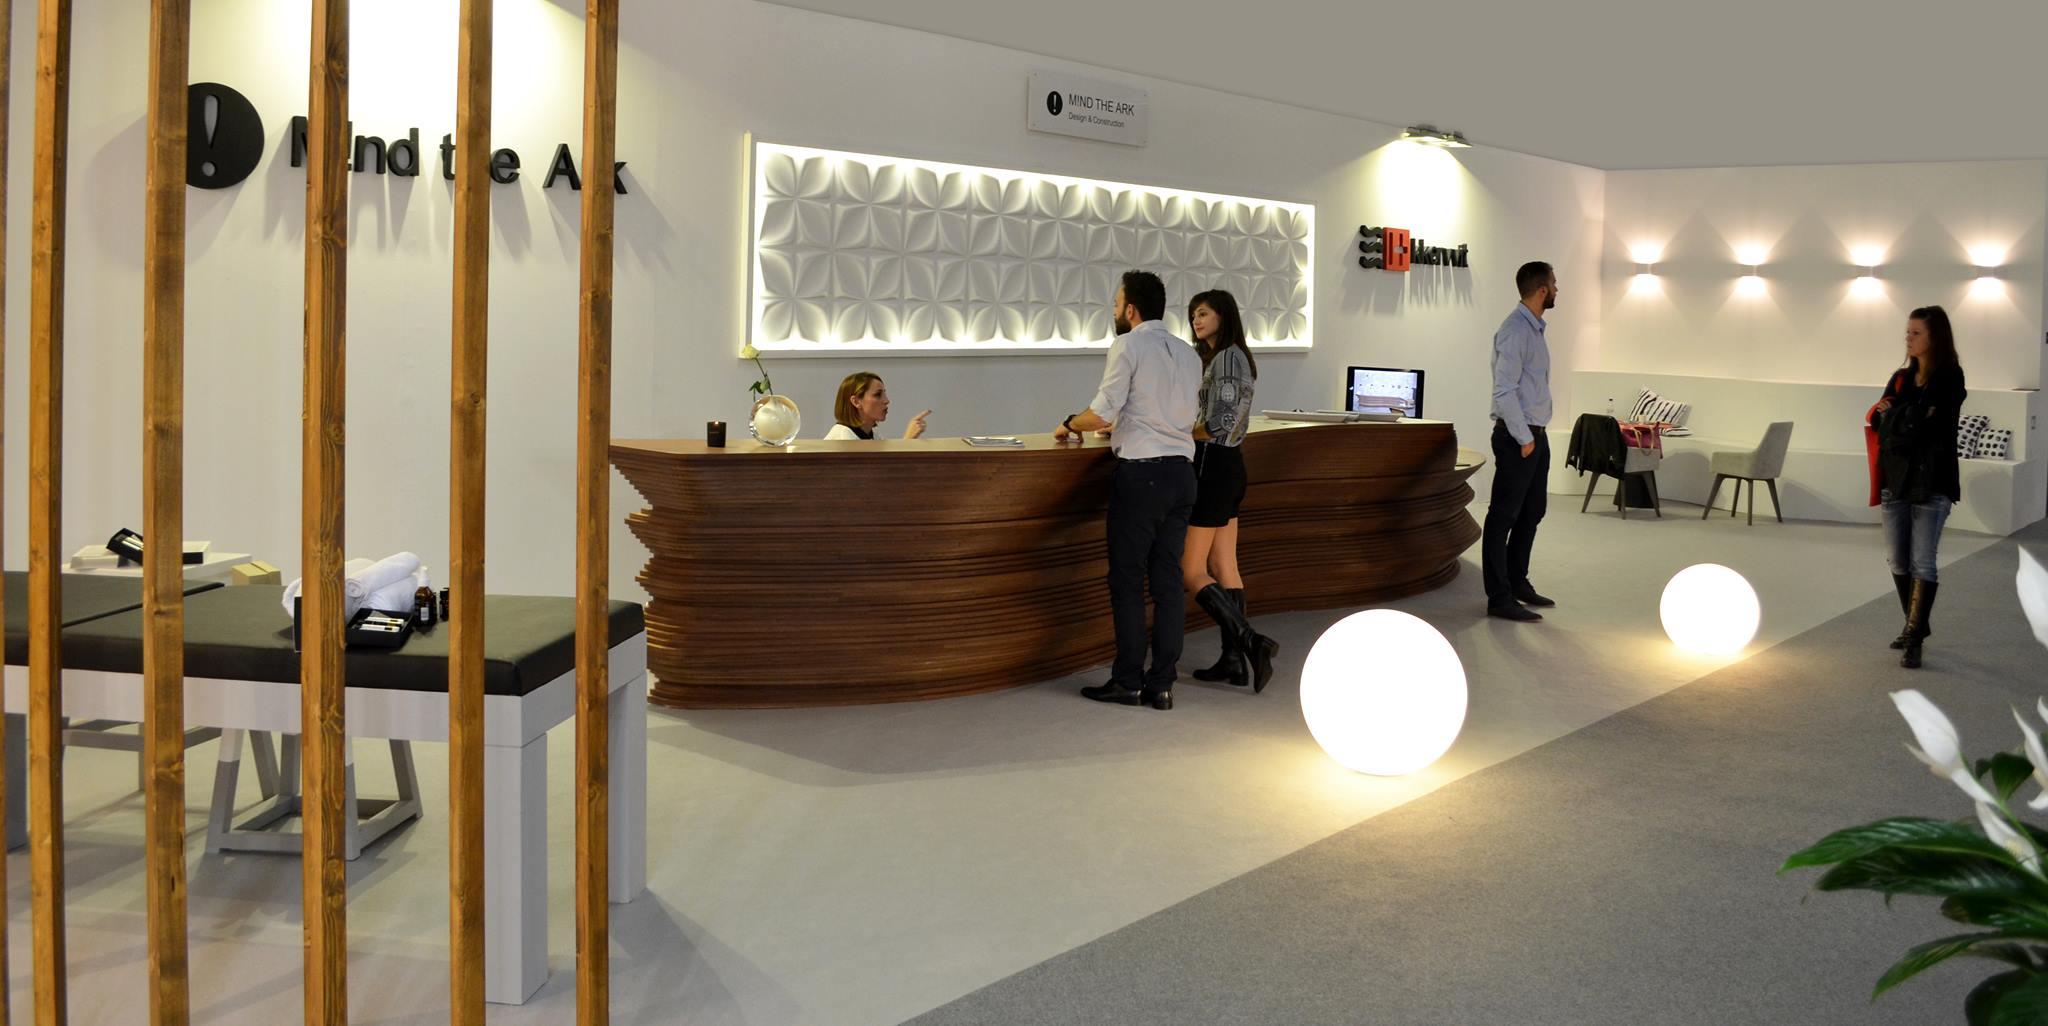 Hotel reception 100 hotel show kkervvit for Design reception hotel